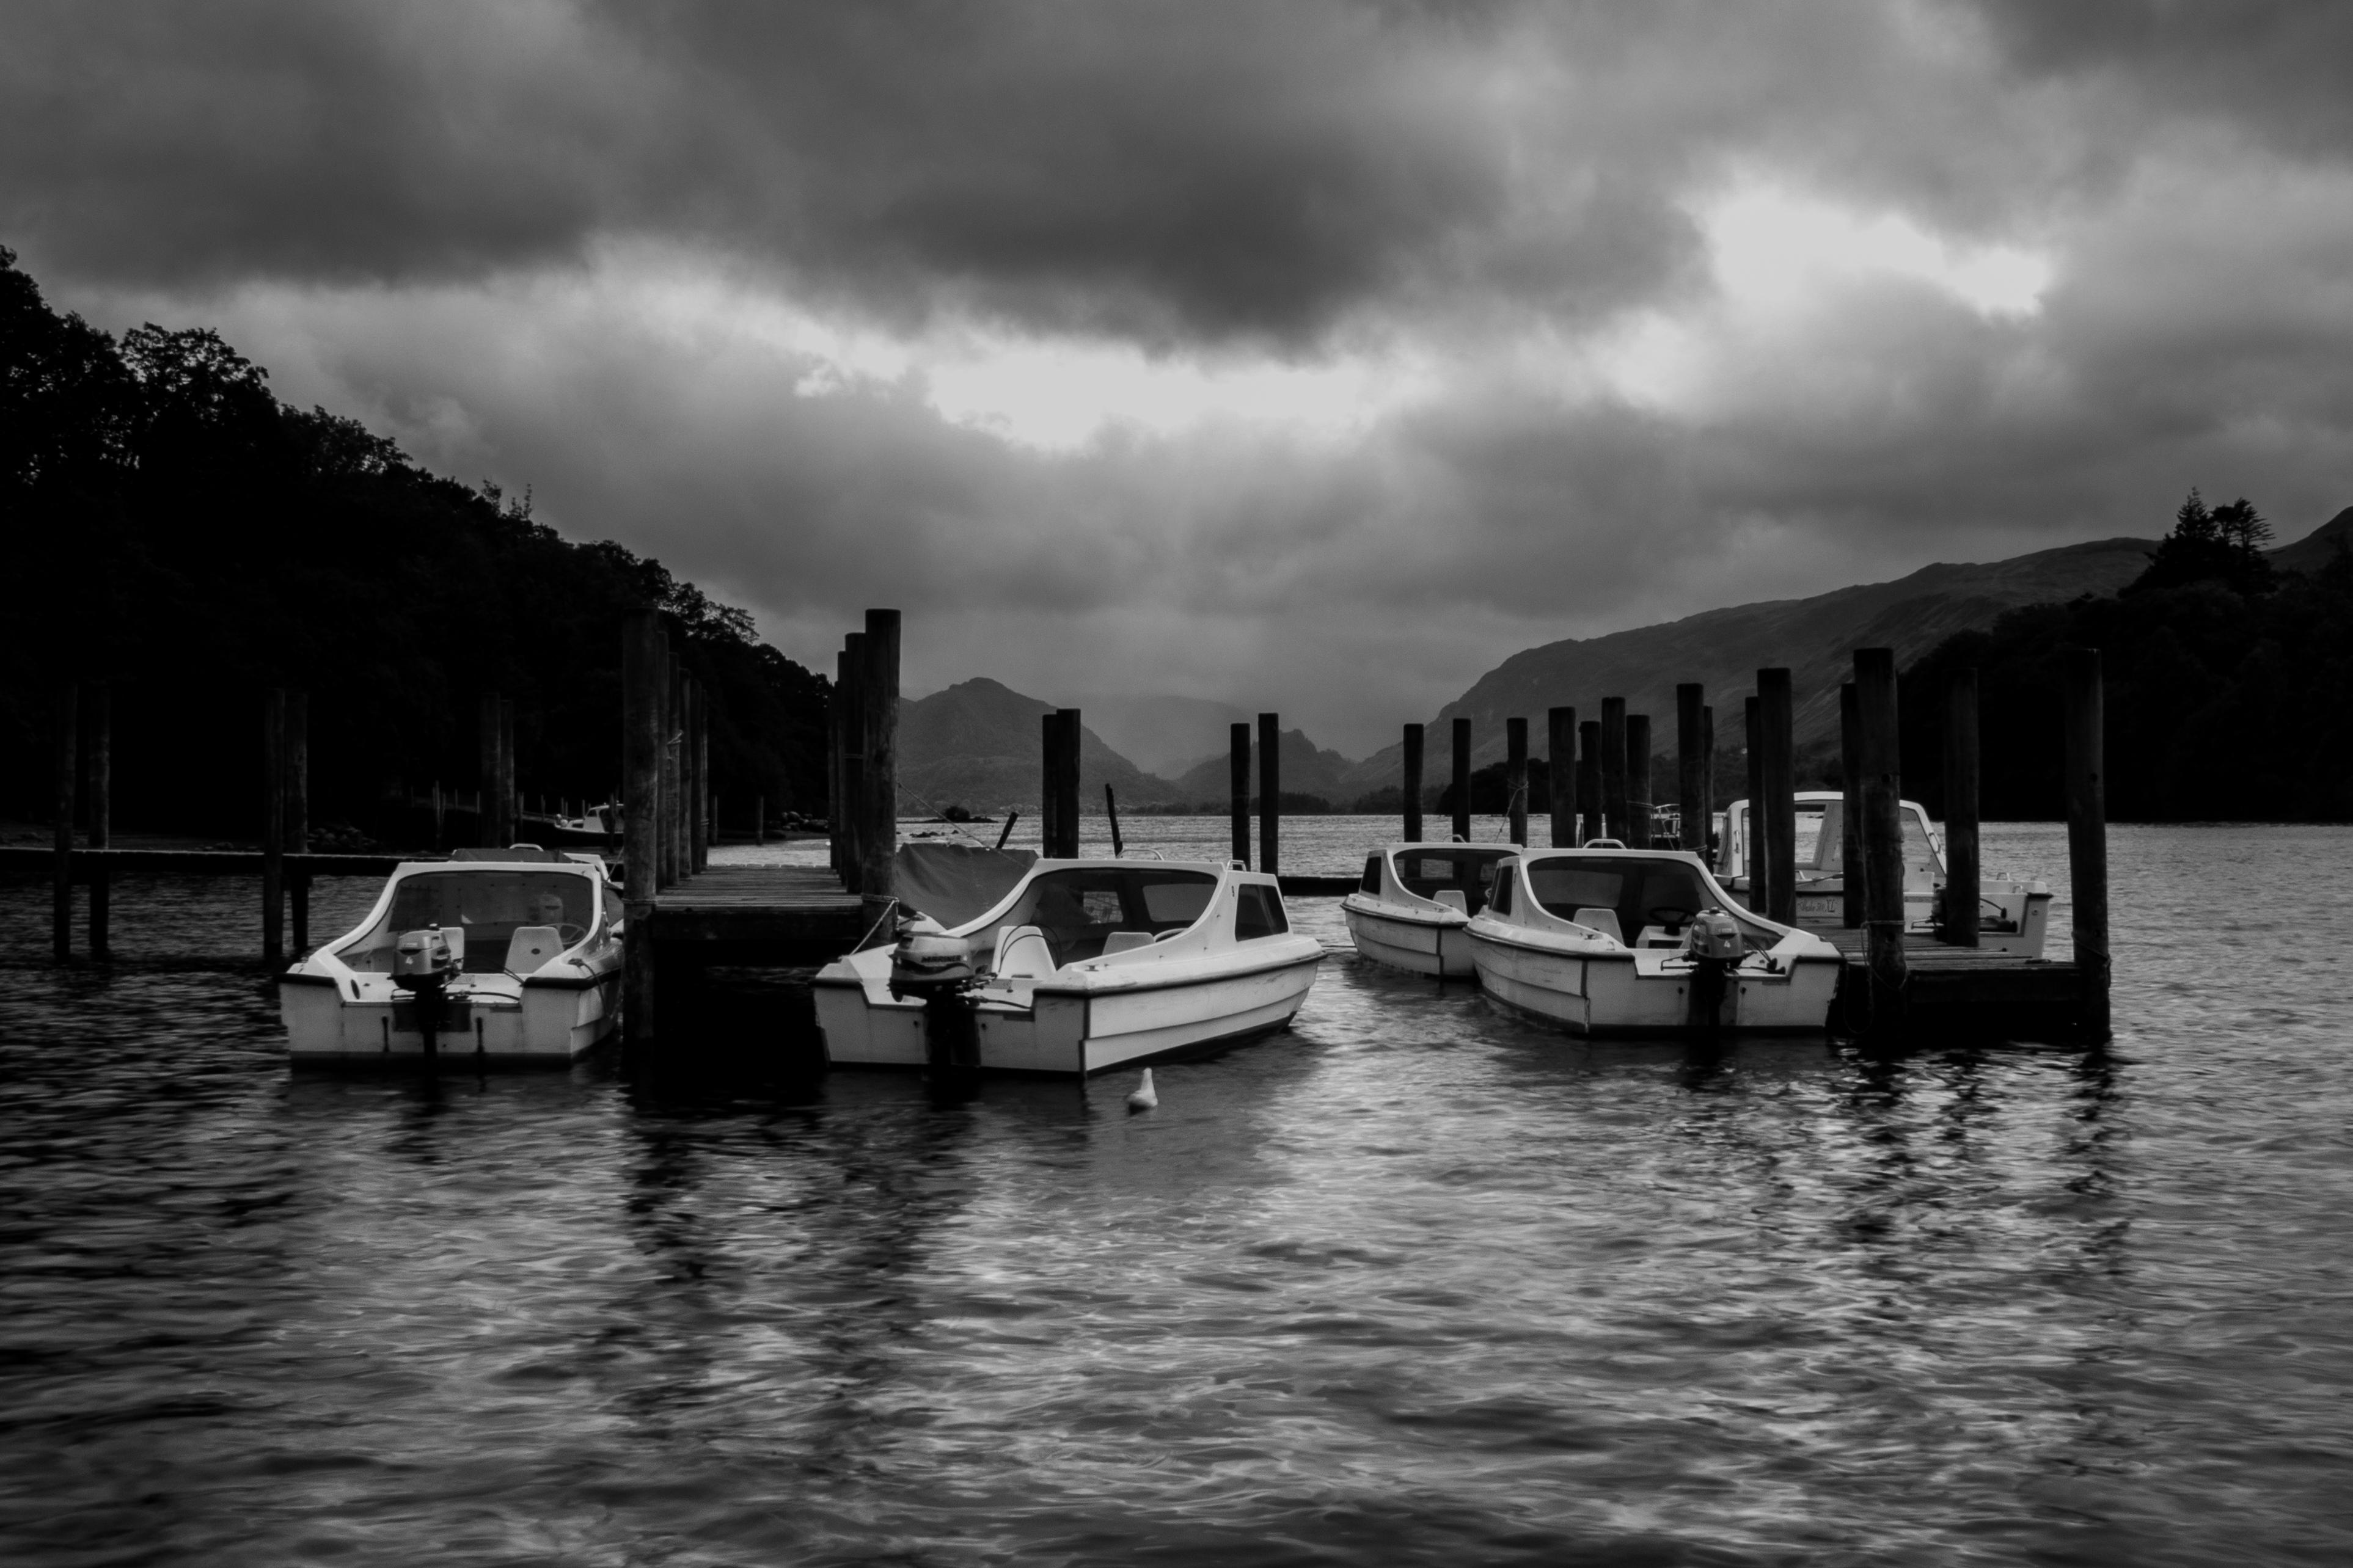 Boats on Derwentwater